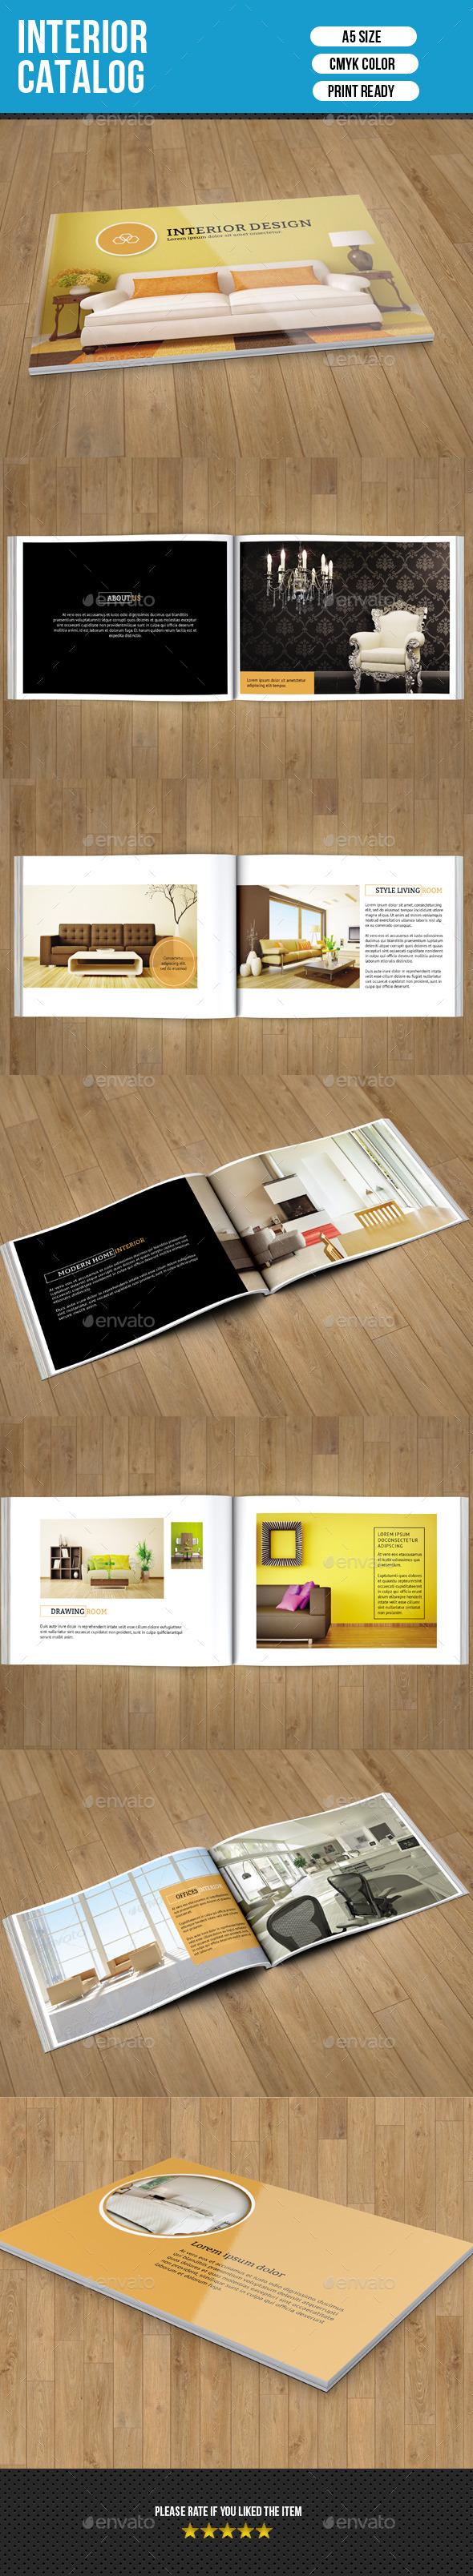 GraphicRiver Interior Catalog Brochure-V144 10132915